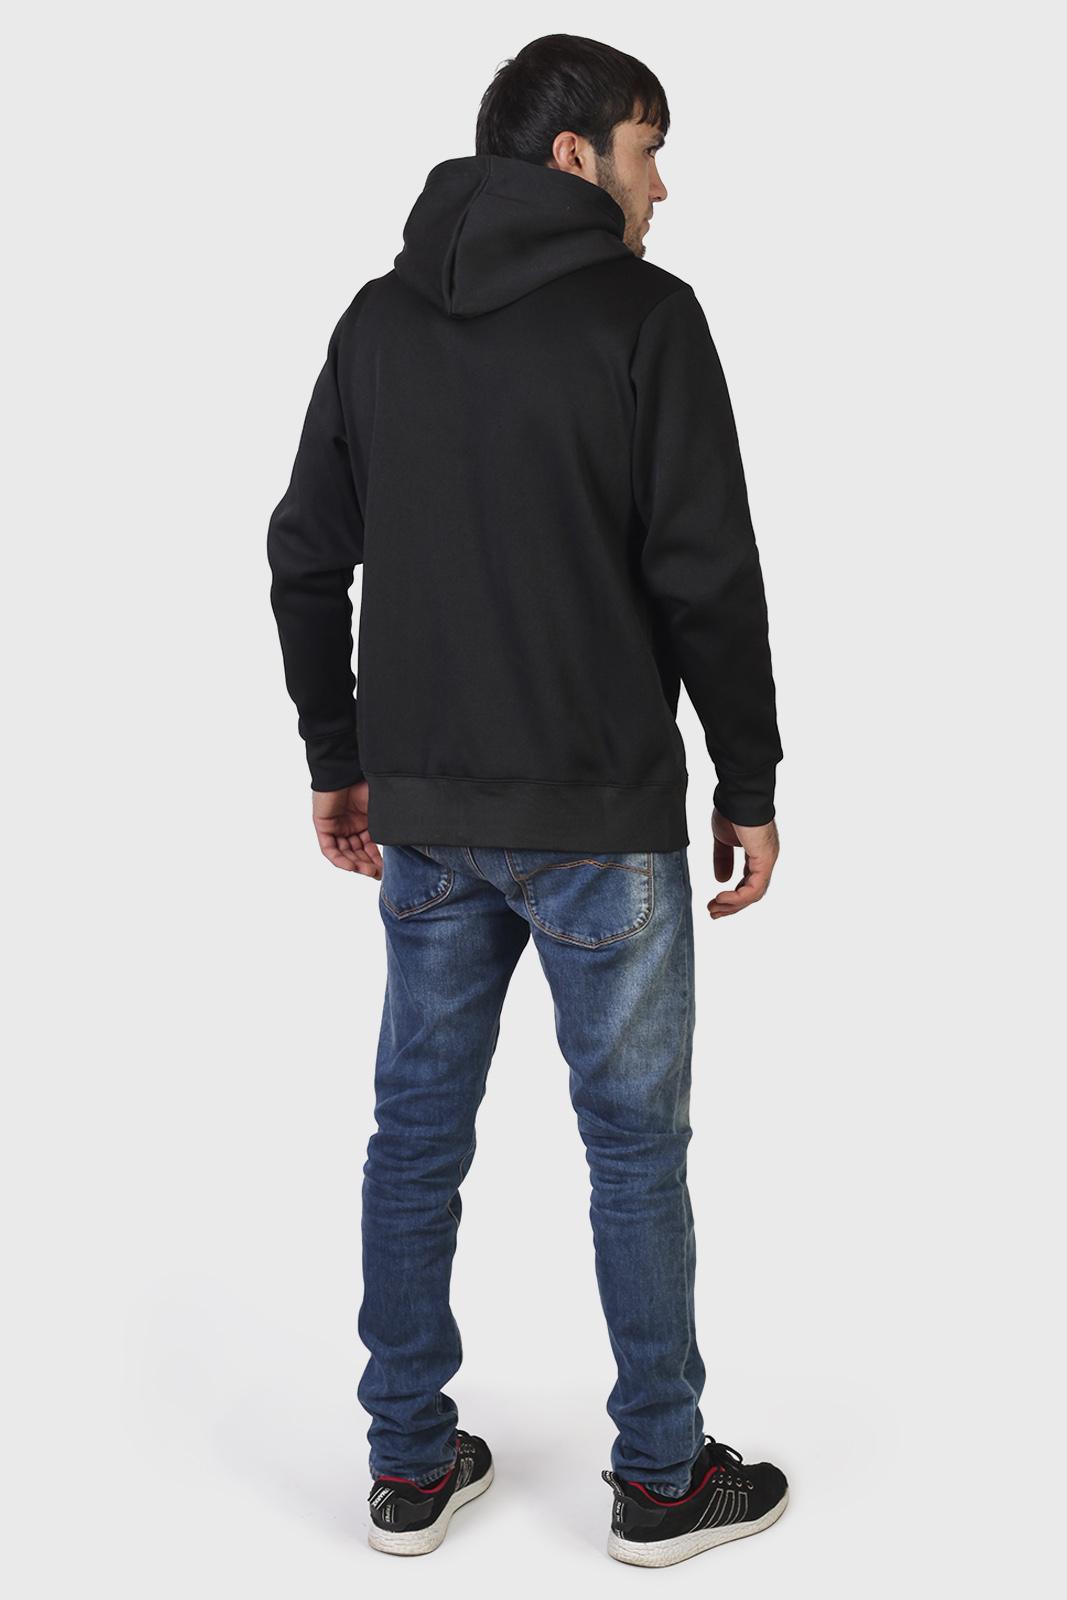 Черная трикотажная милитари толстовка с шевроном  16 ОБрСпН купить в подарок